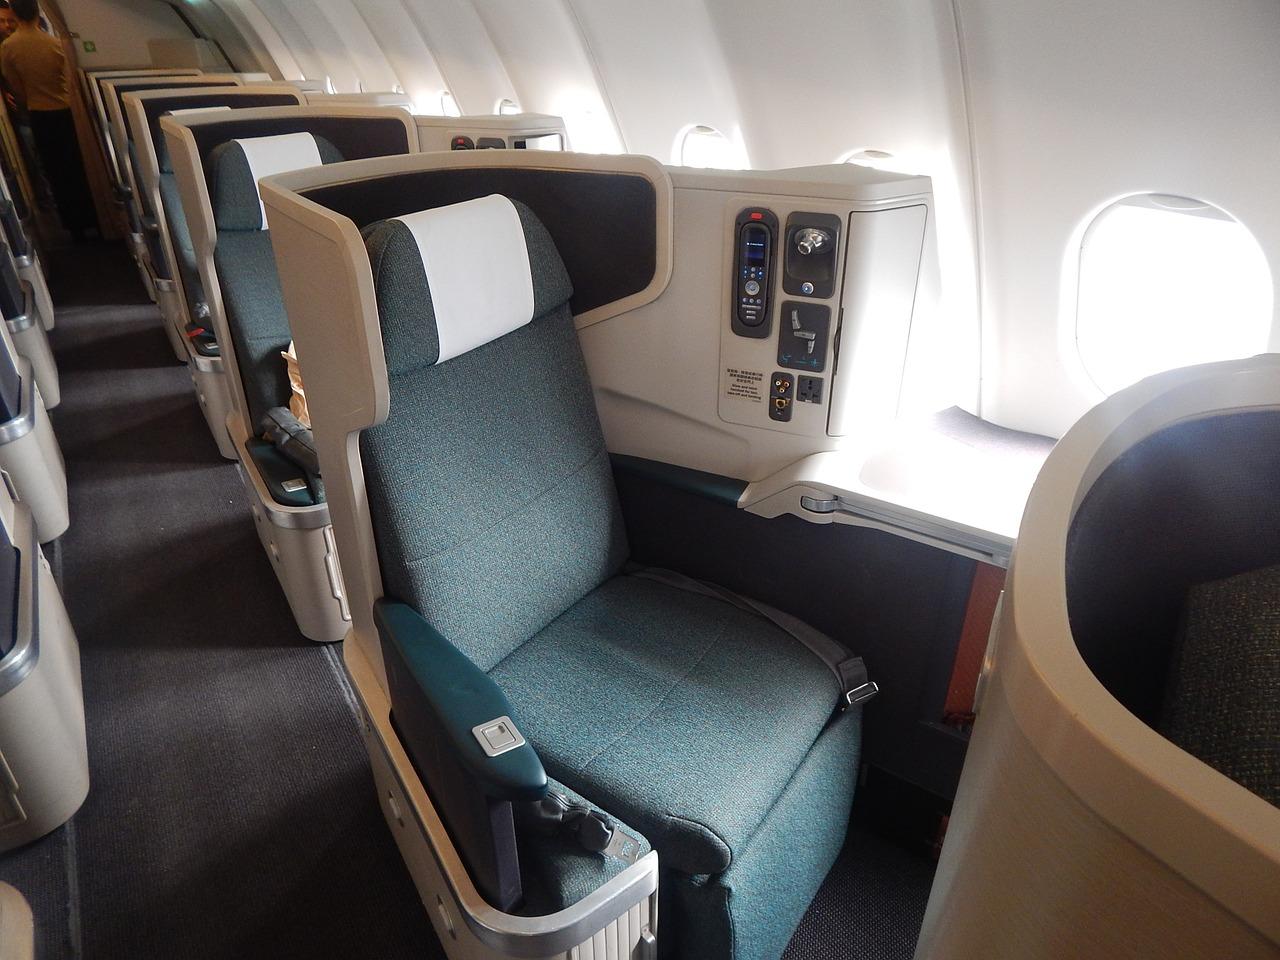 самолет салон бизнес-класс Пиксбэй